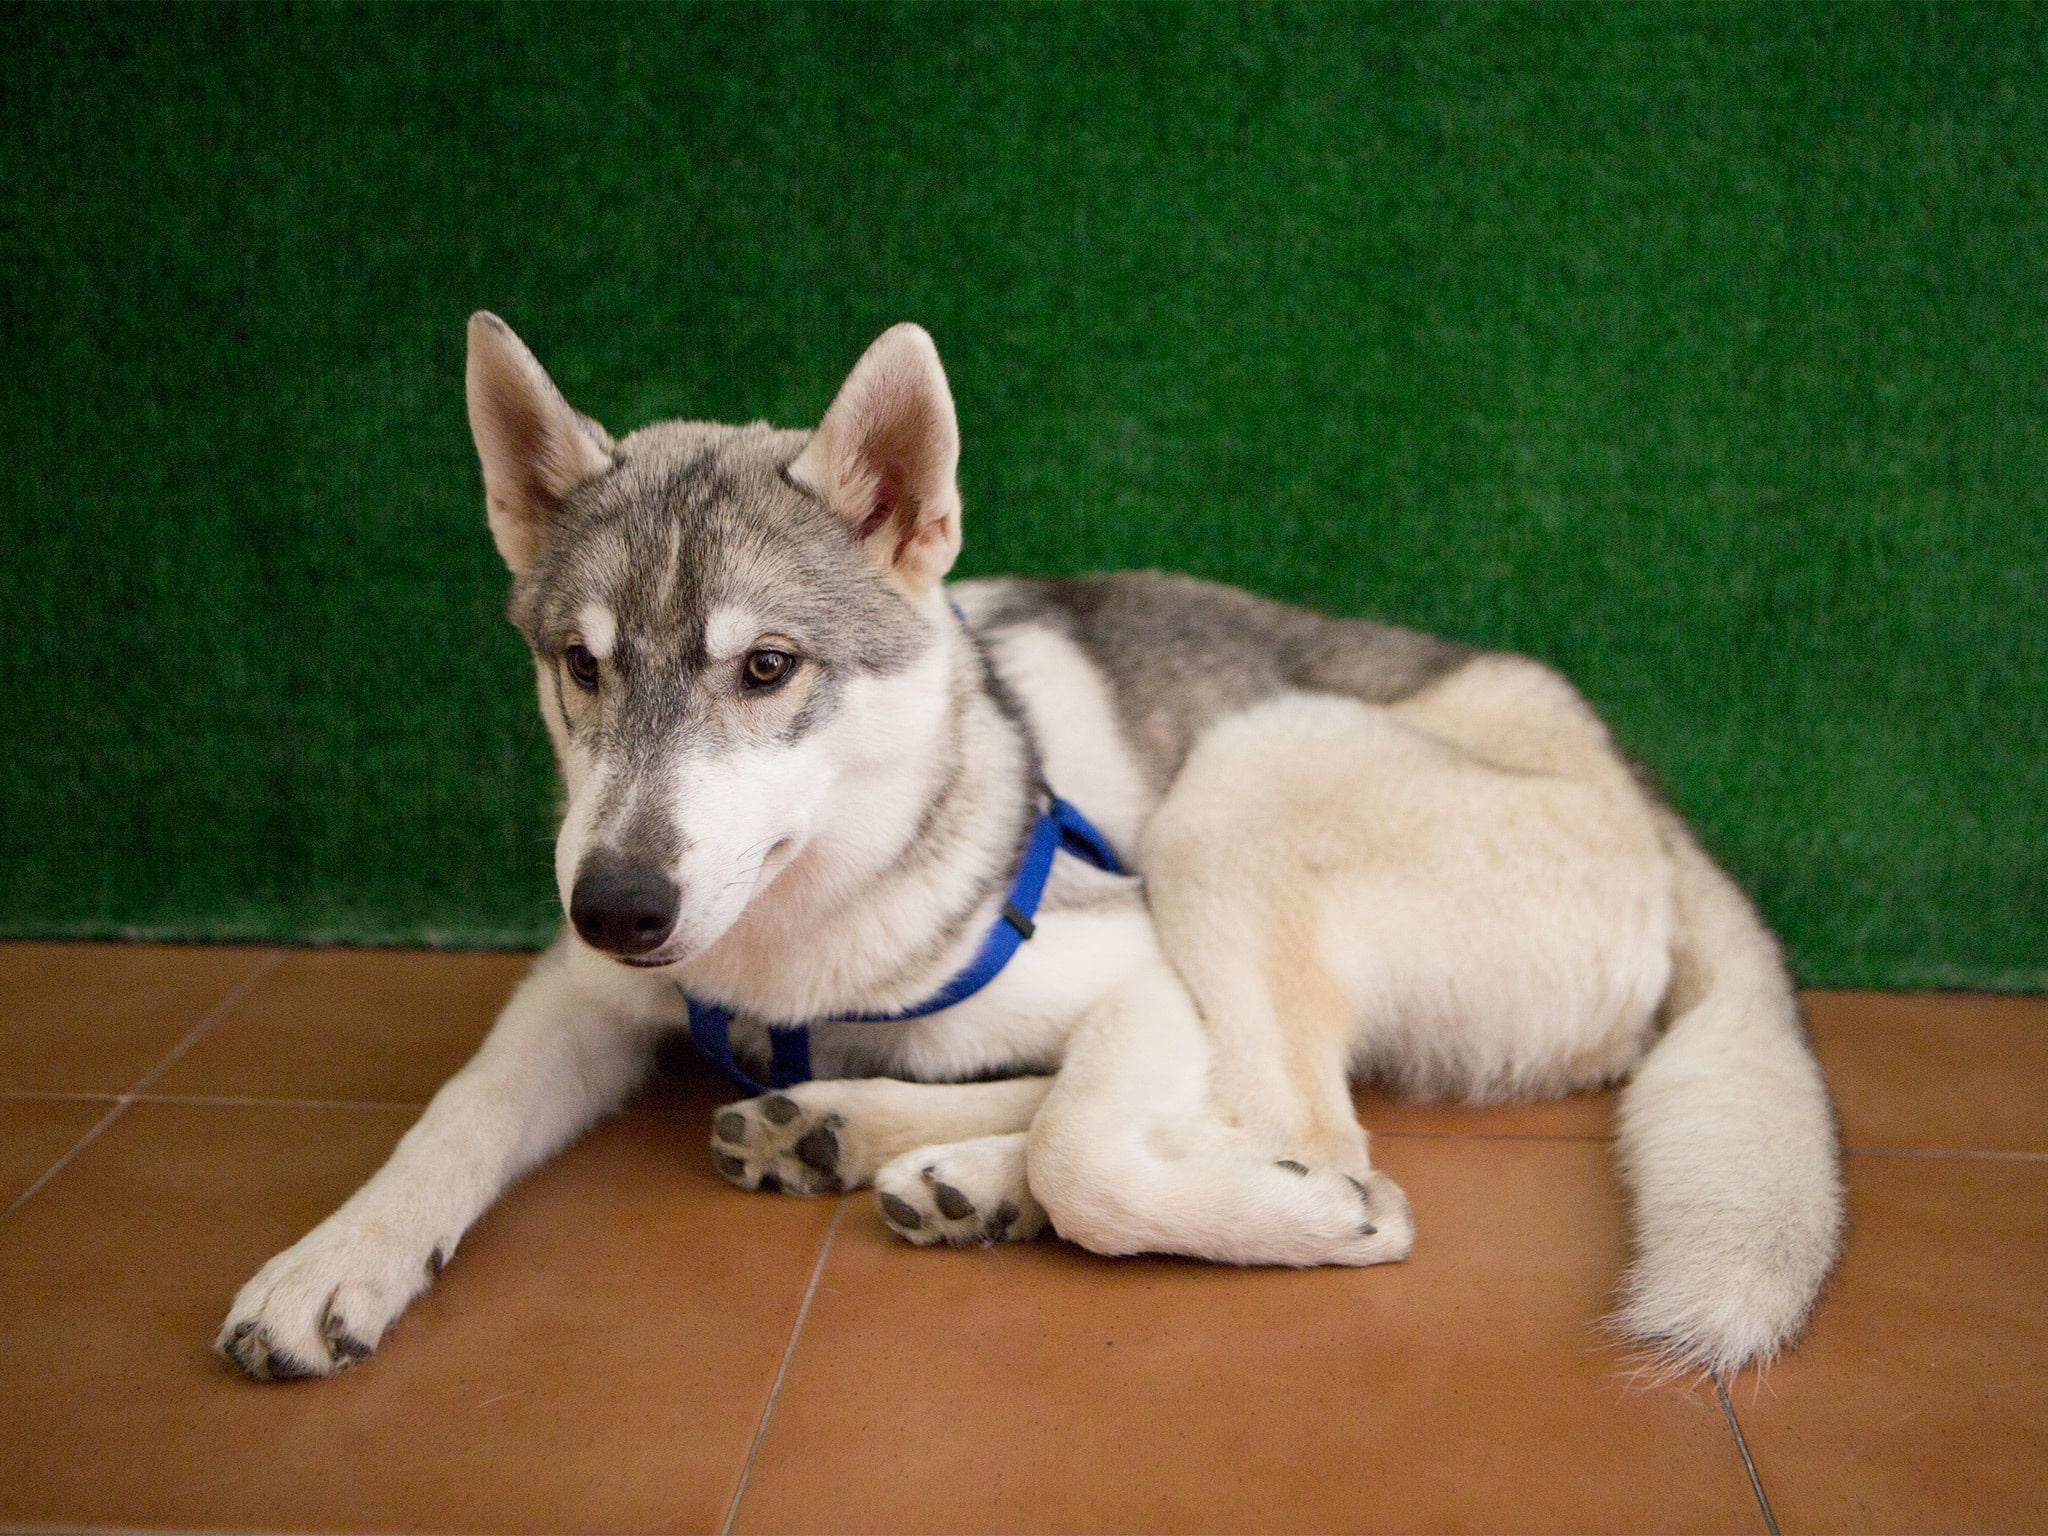 ¿Te gustan los perros? Visita la primera Dog House de Barcelona - novedades, lugares